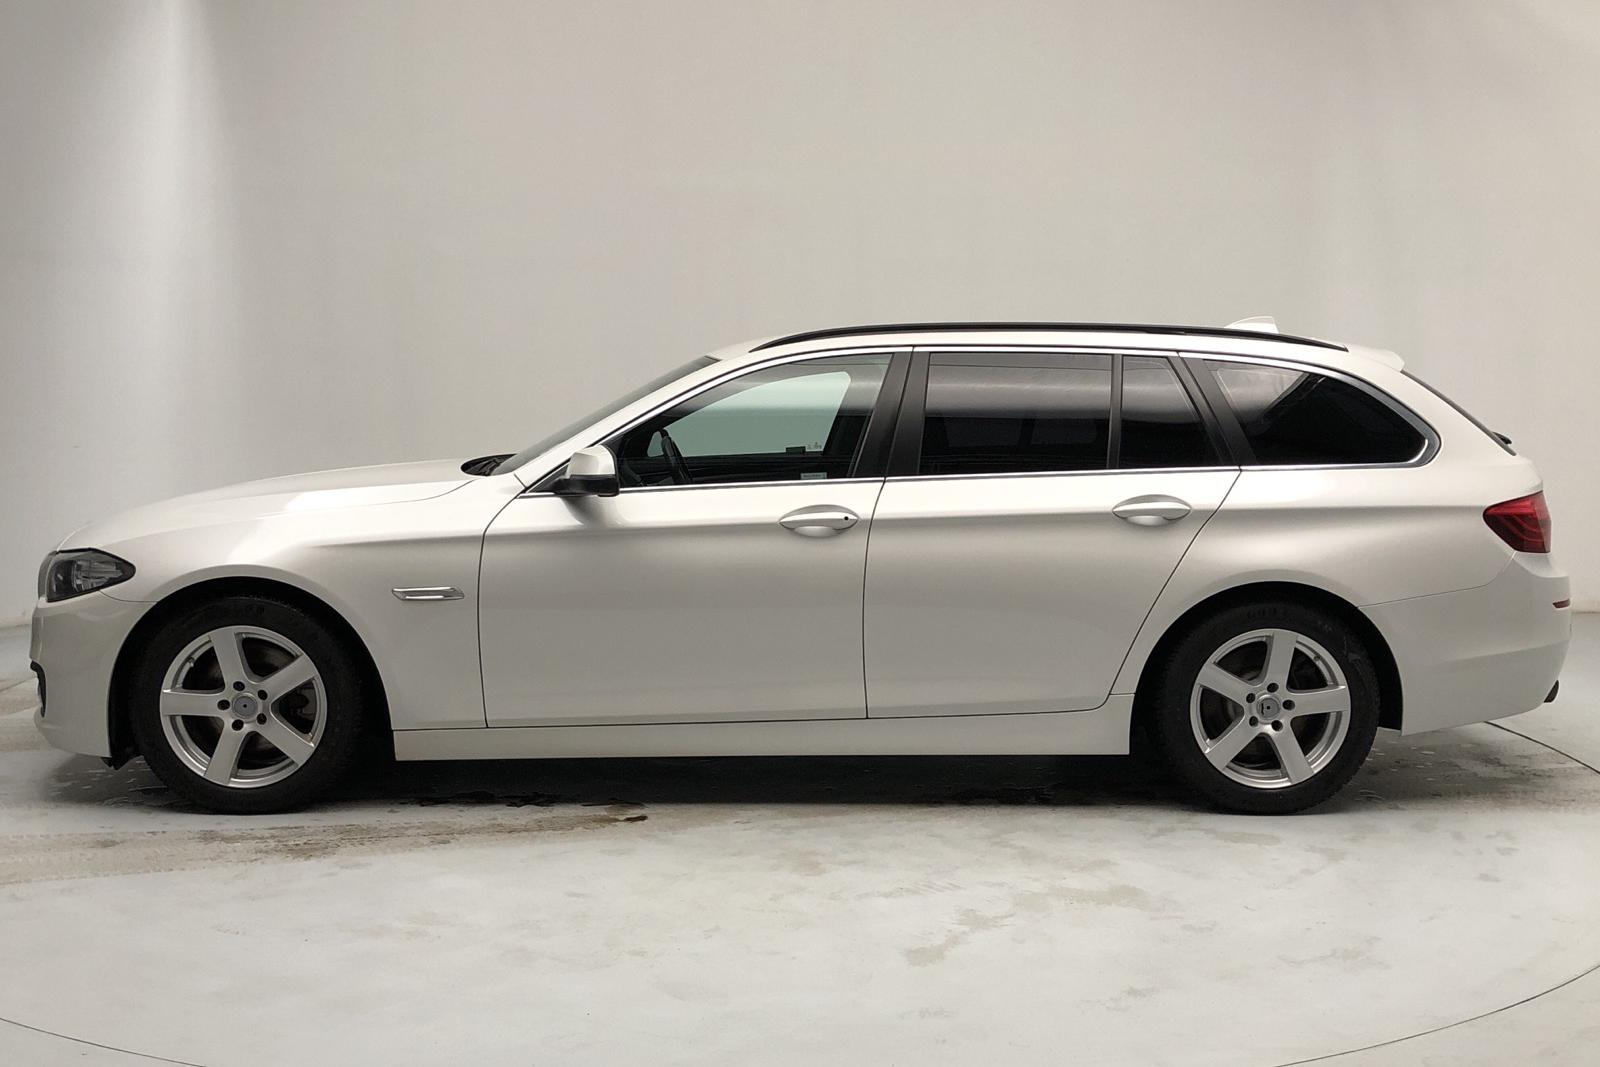 BMW 520d xDrive Touring, F11 (190hk) - 131 270 km - Automatic - white - 2017